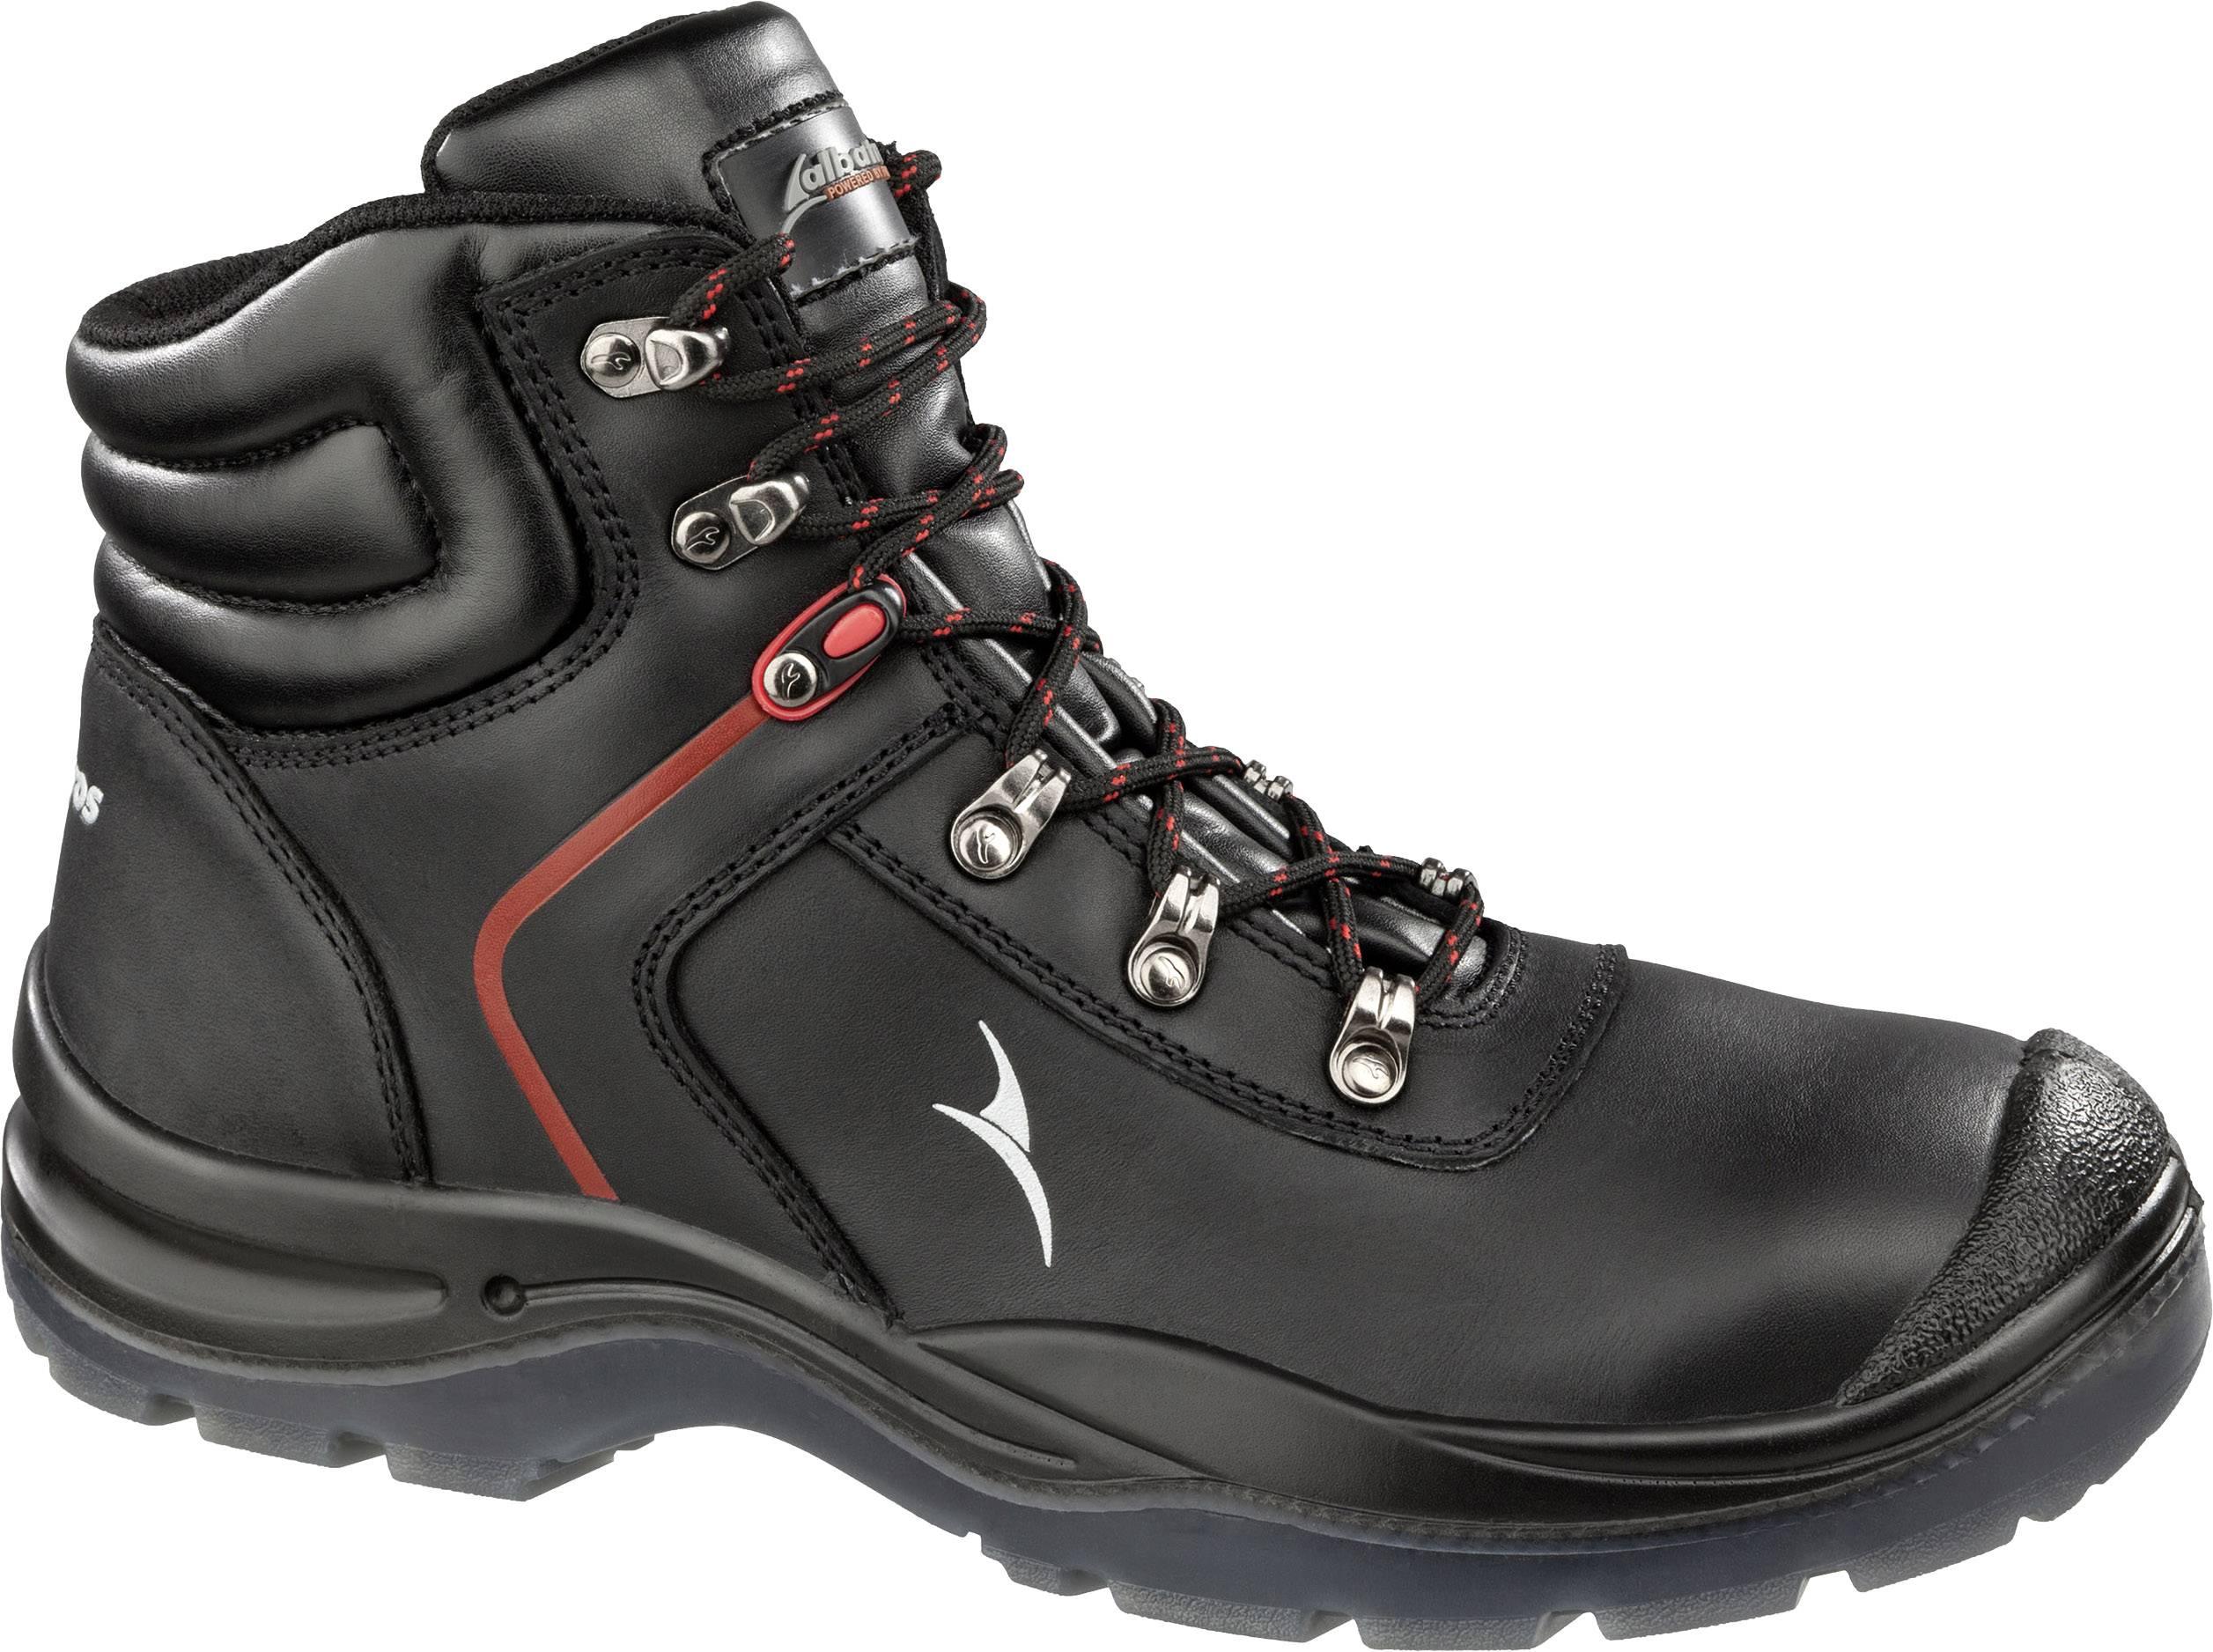 Bezpečnostní pracovní obuv S3 Velikost: 46 Albatros 631080 1 pár